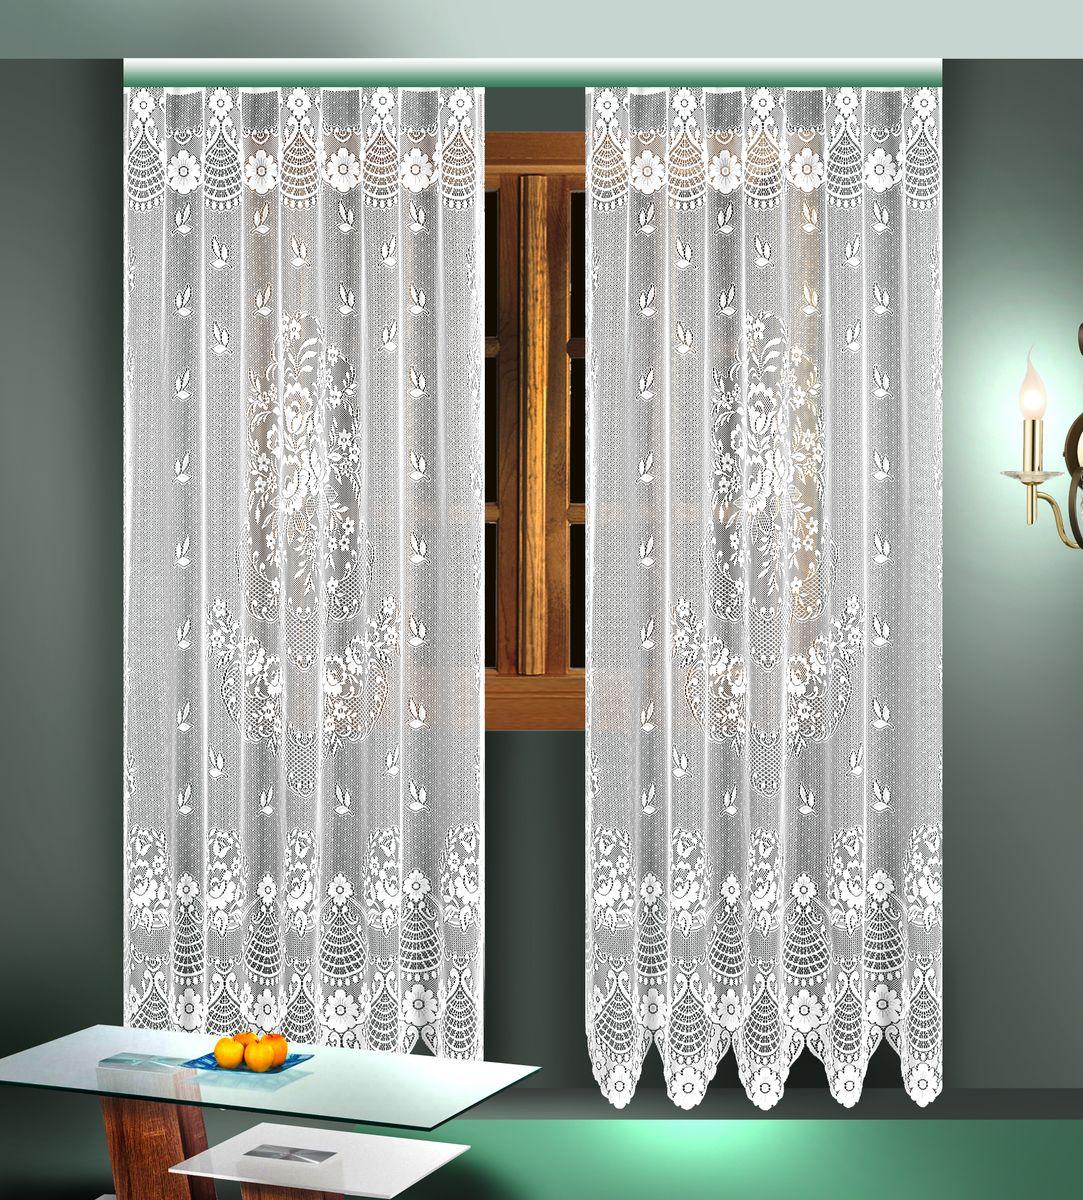 Комплект гардин Zlata Korunka, цвет: белый, высота 245 см. 88824K100Воздушные гардины Zlata Korunka, изготовленные из полиэстера белого цвета, станут великолепным украшением любого окна. Гардины выполнены из сетчатого материала и декорированы цветочным рисунком. Тонкое плетение и оригинальный дизайн привлекут к себе внимание и органично впишутся в интерьер. Верхняя часть гардин не оснащена креплениями.В комплект входит: Гардина - 2 шт. Размер (Ш х В): 165 см х 245 см.